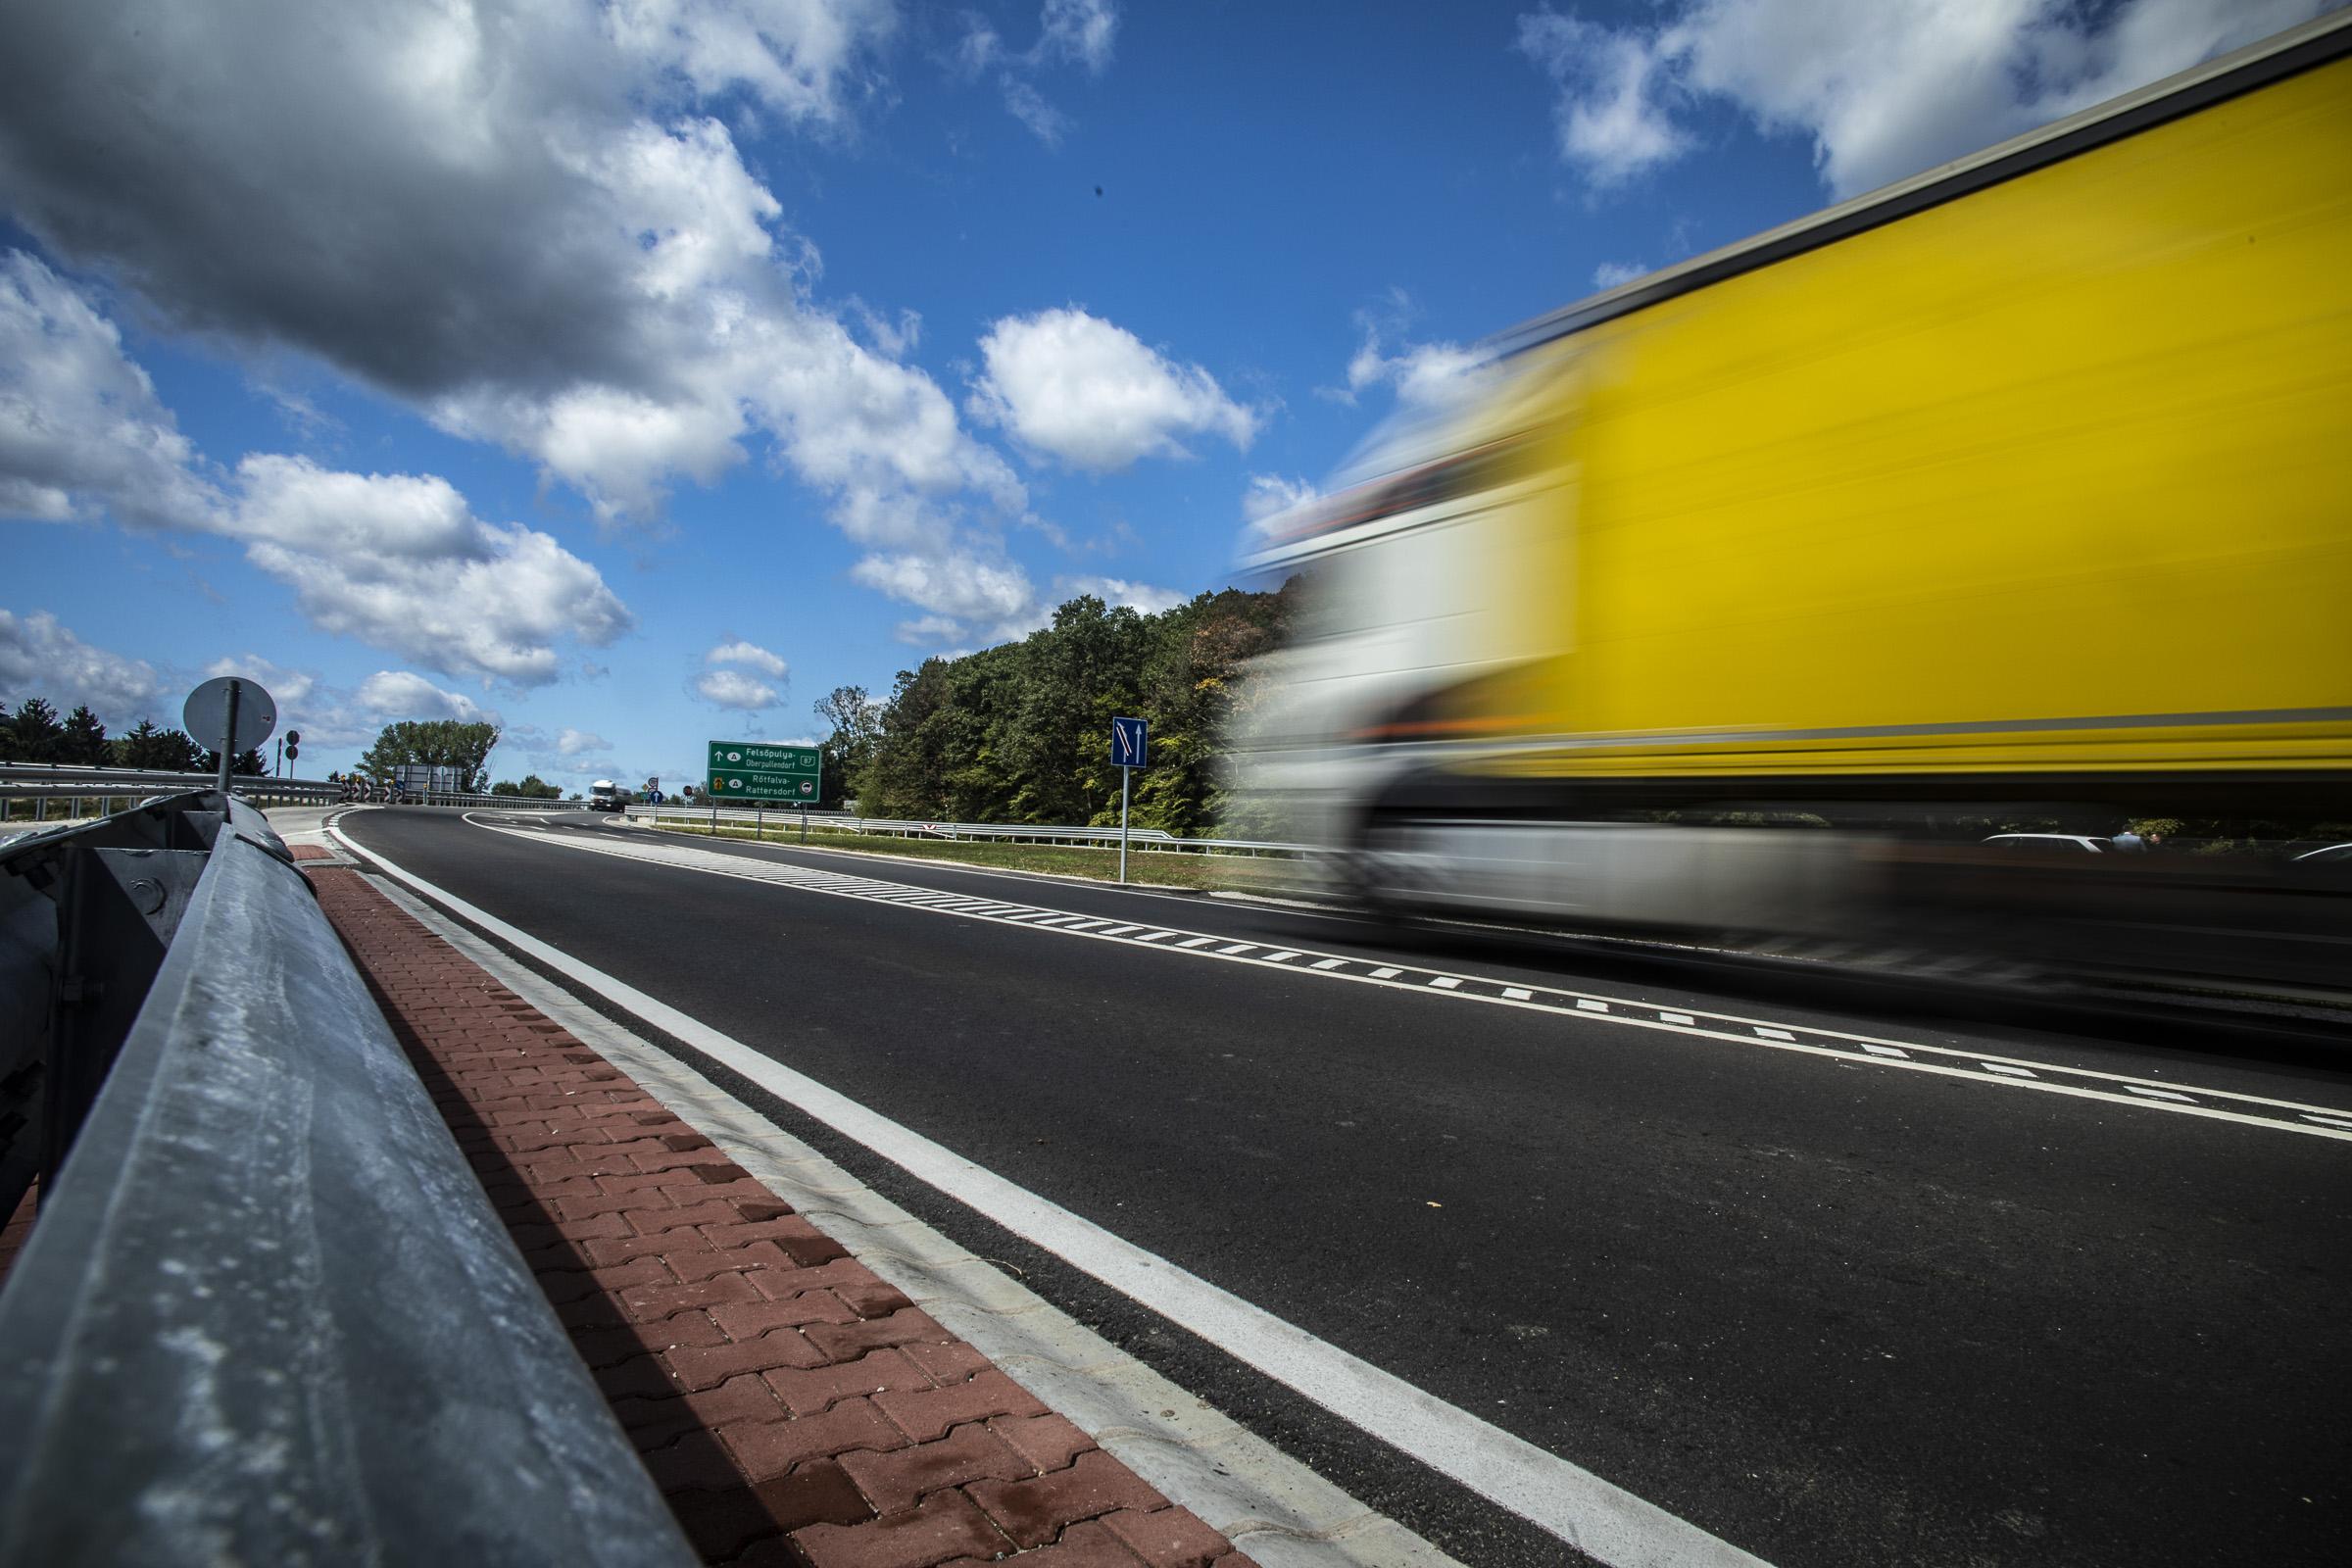 Teljesen elkészült a 87. számú főút Kőszeg és Rőtfalva országhatár közötti szakasza